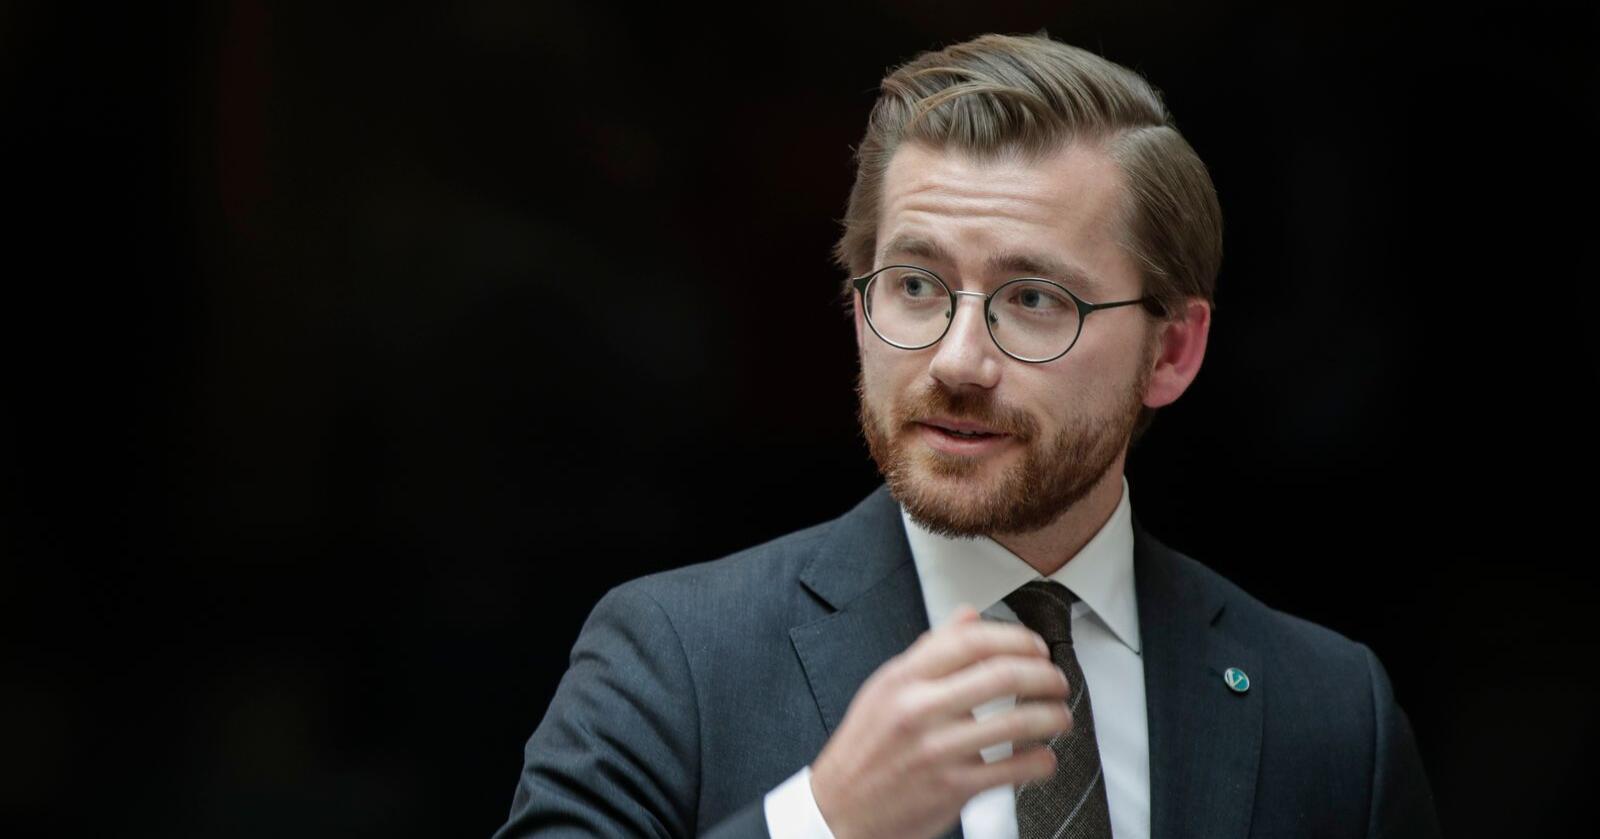 Klima- og miljøminister Sveinung Rotevatn (V) er klar med en ny klimaplan for 2021–2030. Foto: Vidar Ruud / NTB